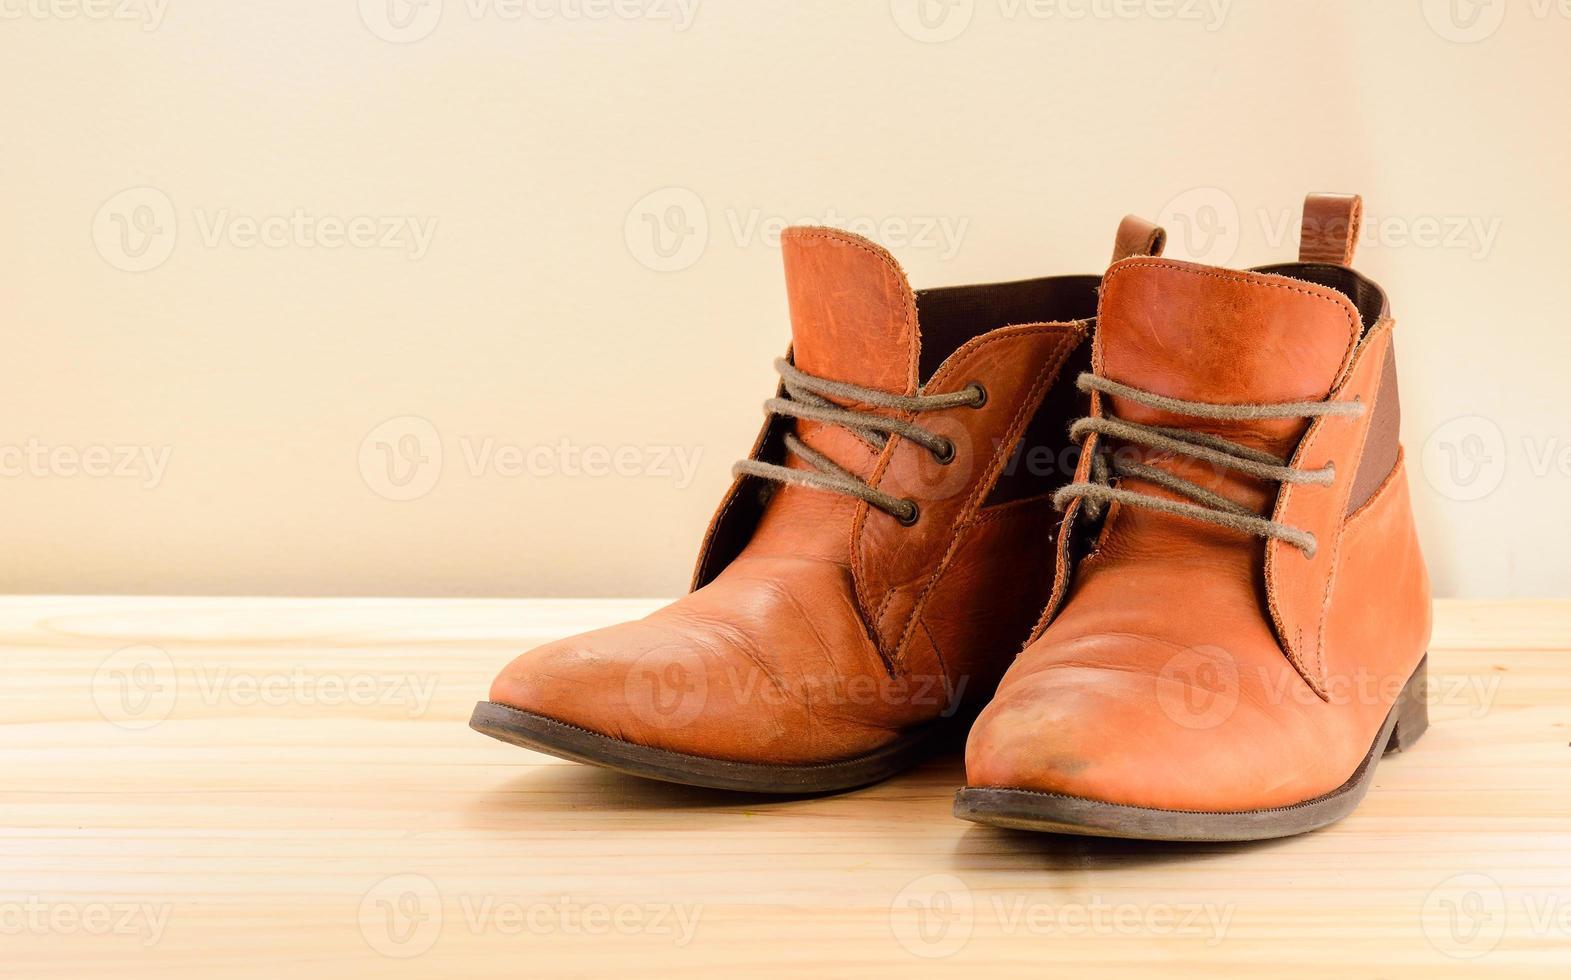 nature morte avec des chaussures en cuir marron avec des tendeurs de chaussures en bois photo